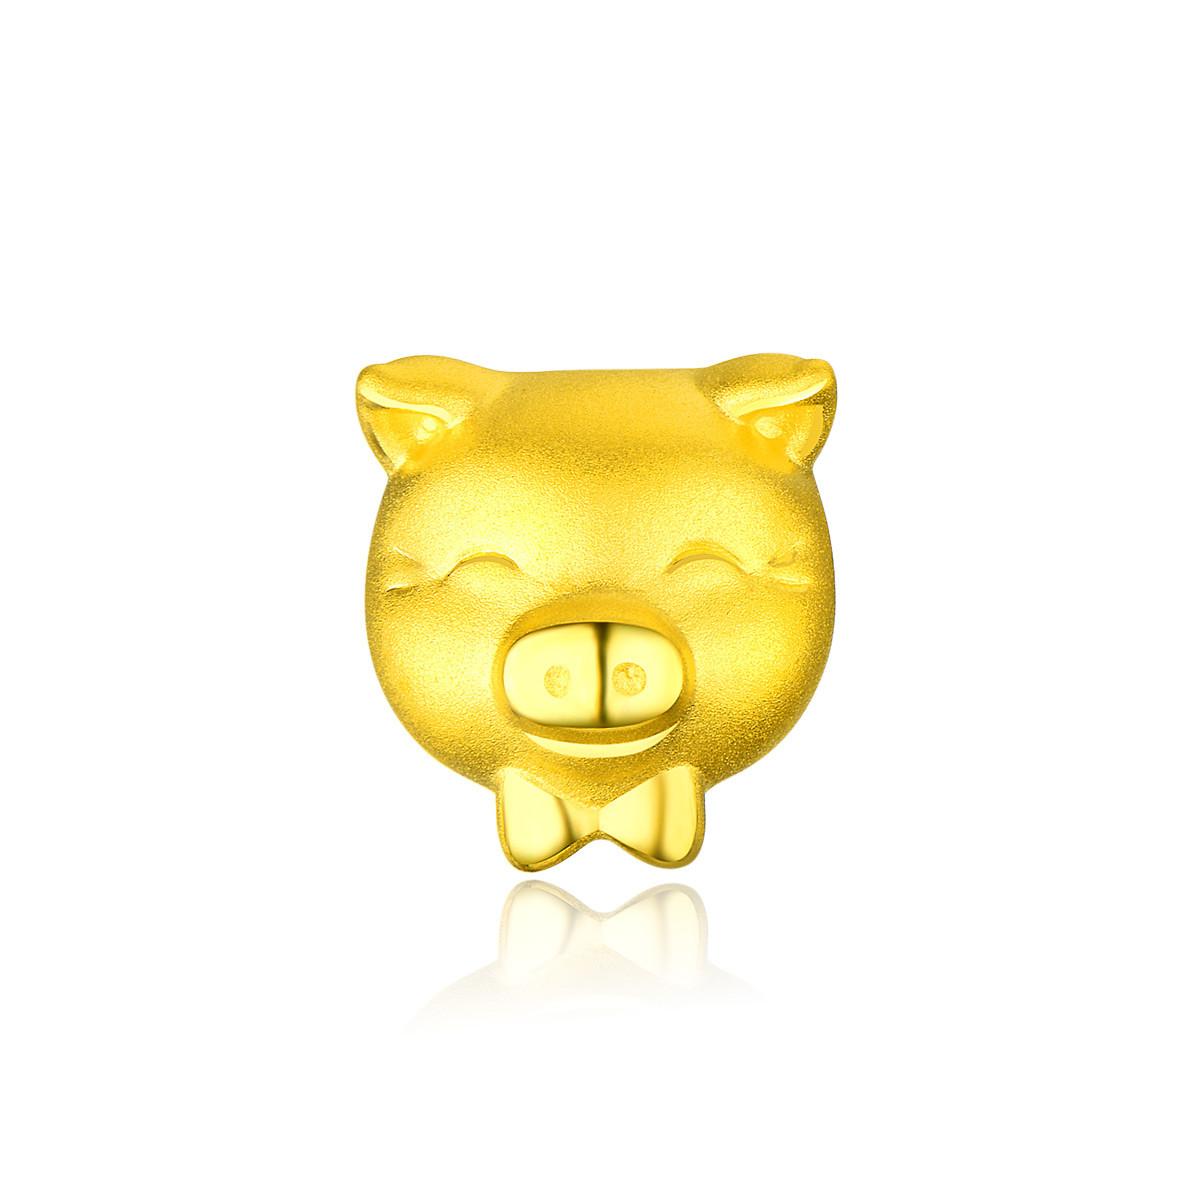 中国黄金3D硬金转运珠黄金手链生肖猪吊坠萌猪足金手串(不含绳)ZGHJSC2105